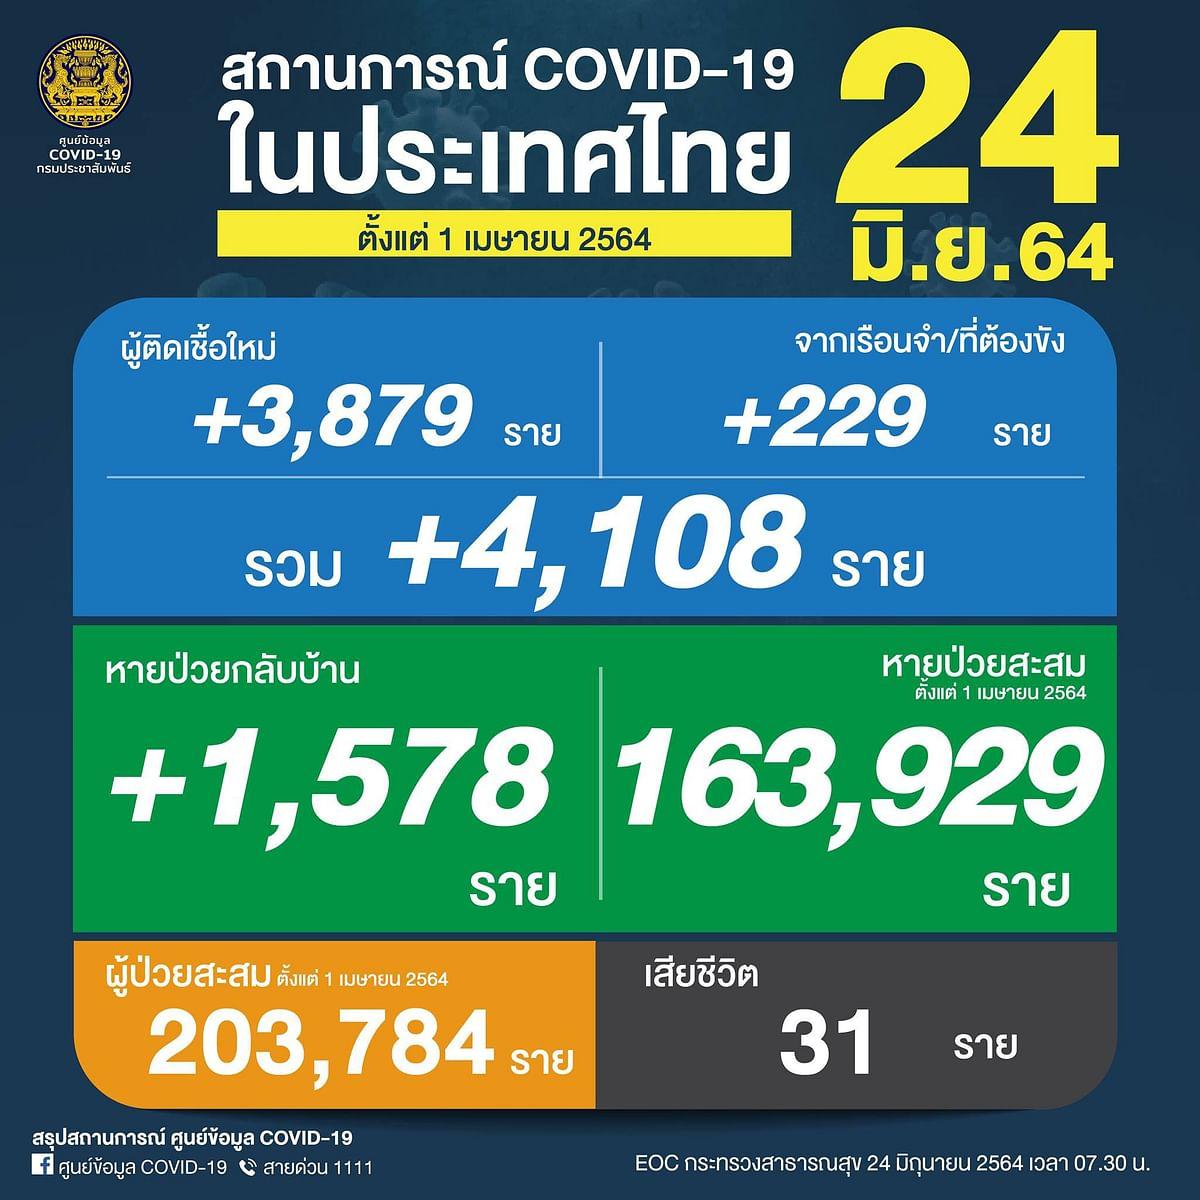 สถานการณ์ COVID-19 ในประเทศไทย